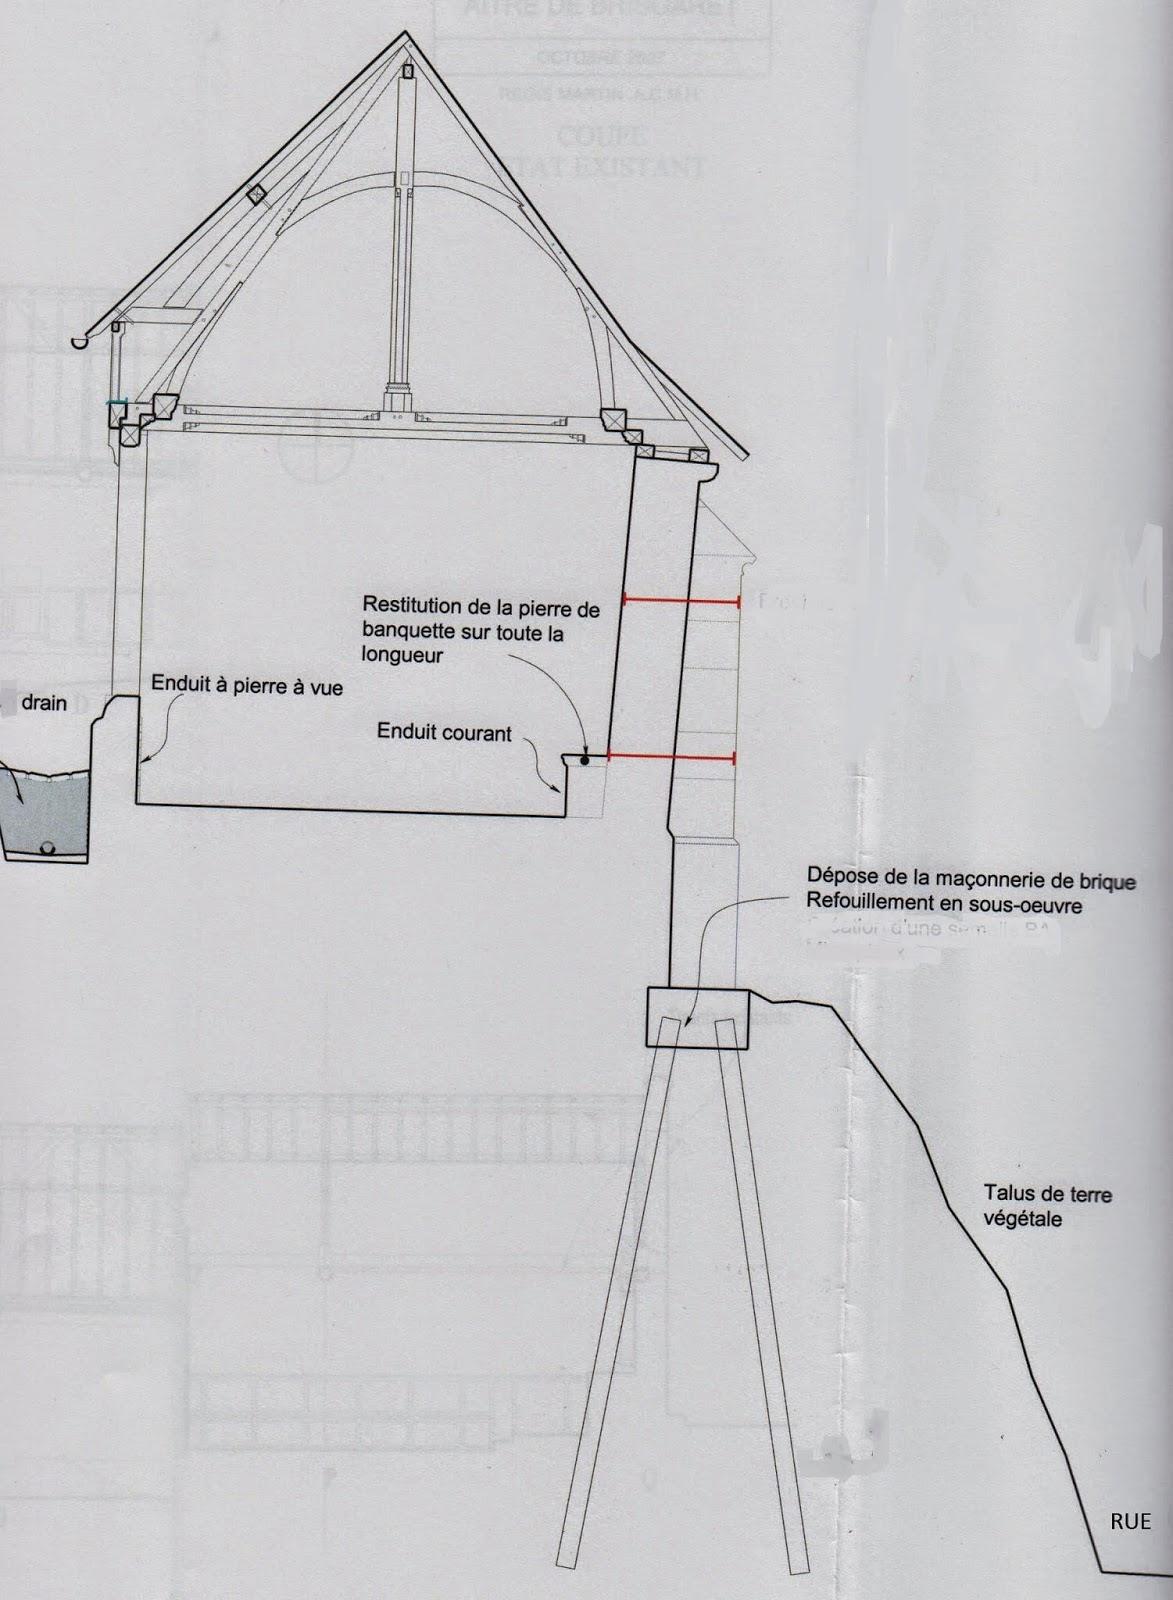 Aitre de brisgaret la restauration for Regis martin architecte